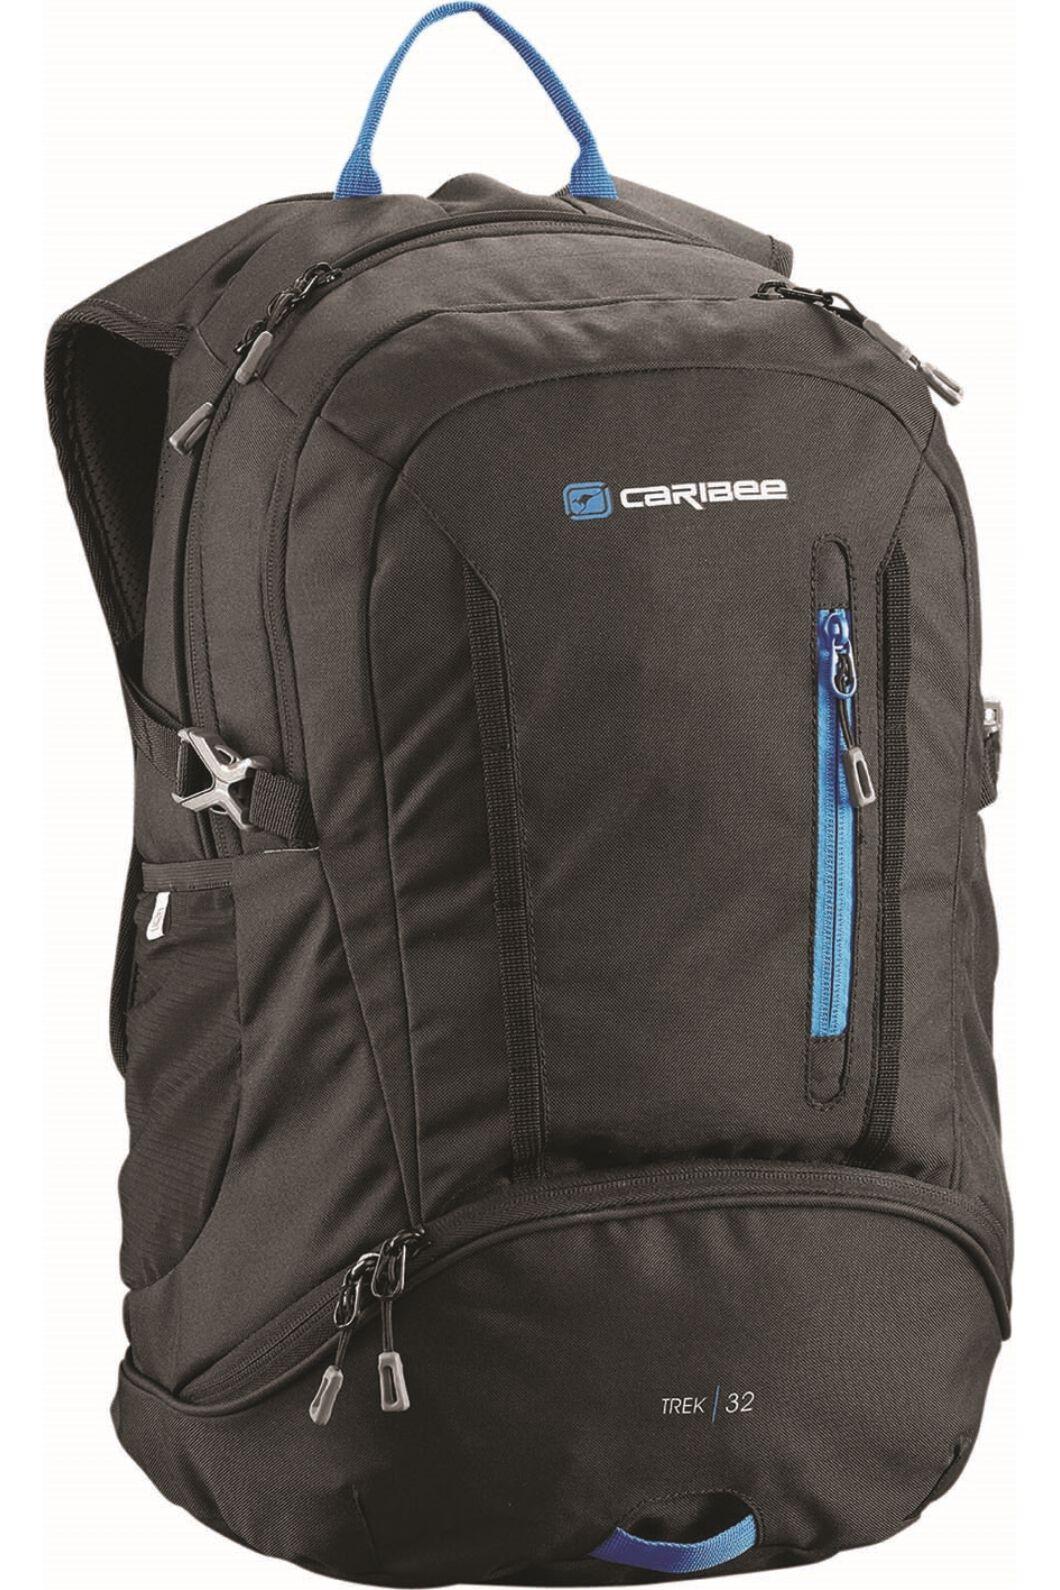 Caribee Trek Daypack 32L, None, hi-res